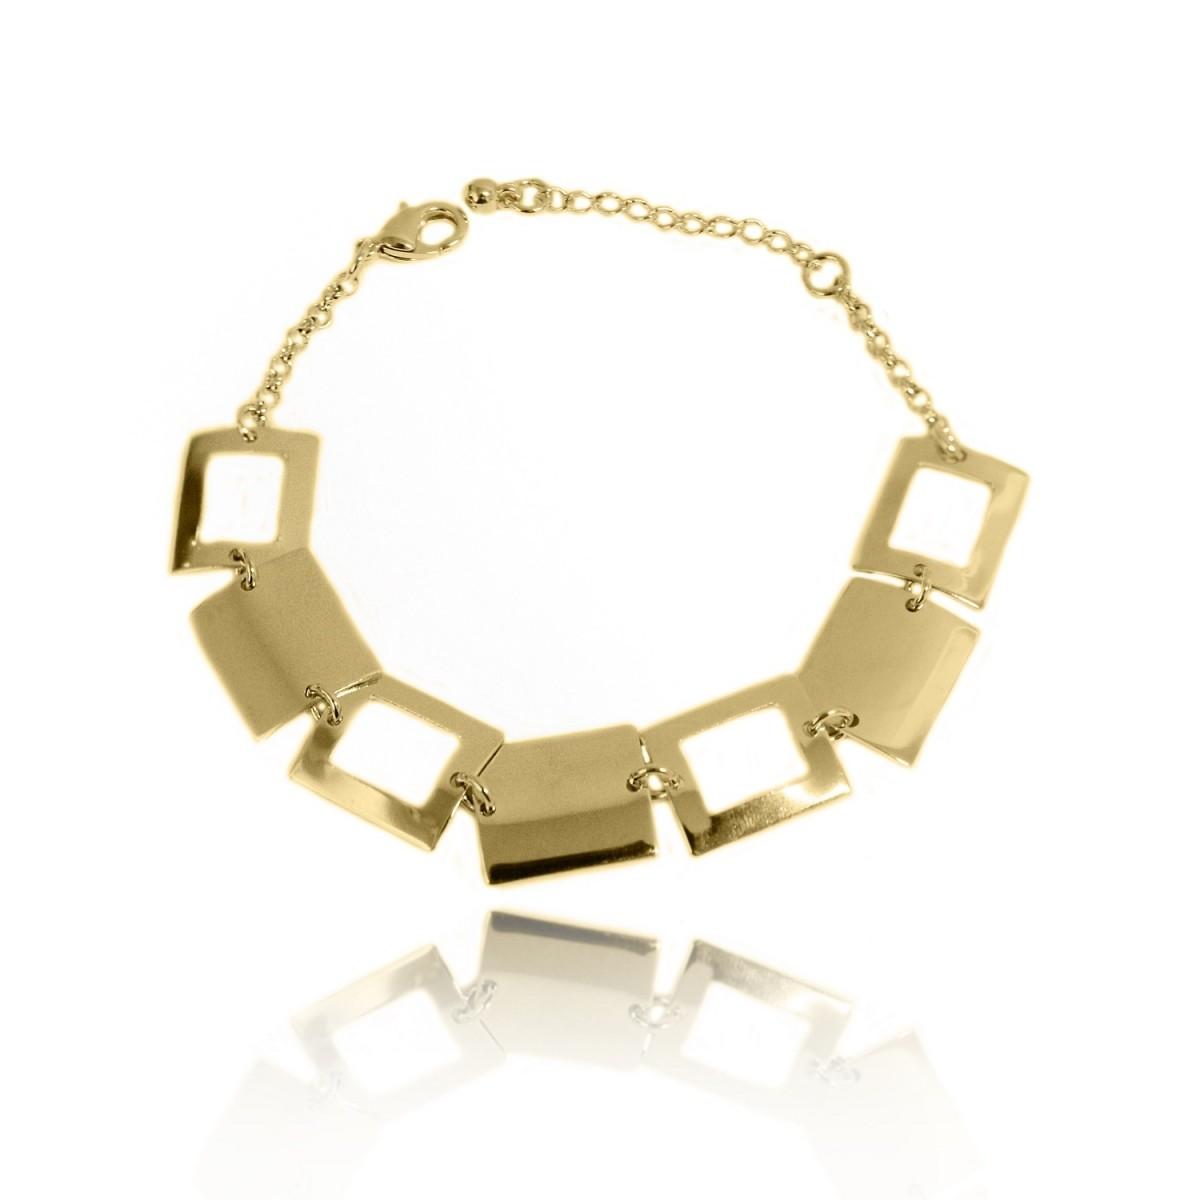 Pulseira Quadriculada Estilo Bracelete Folheado a Ouro 18k